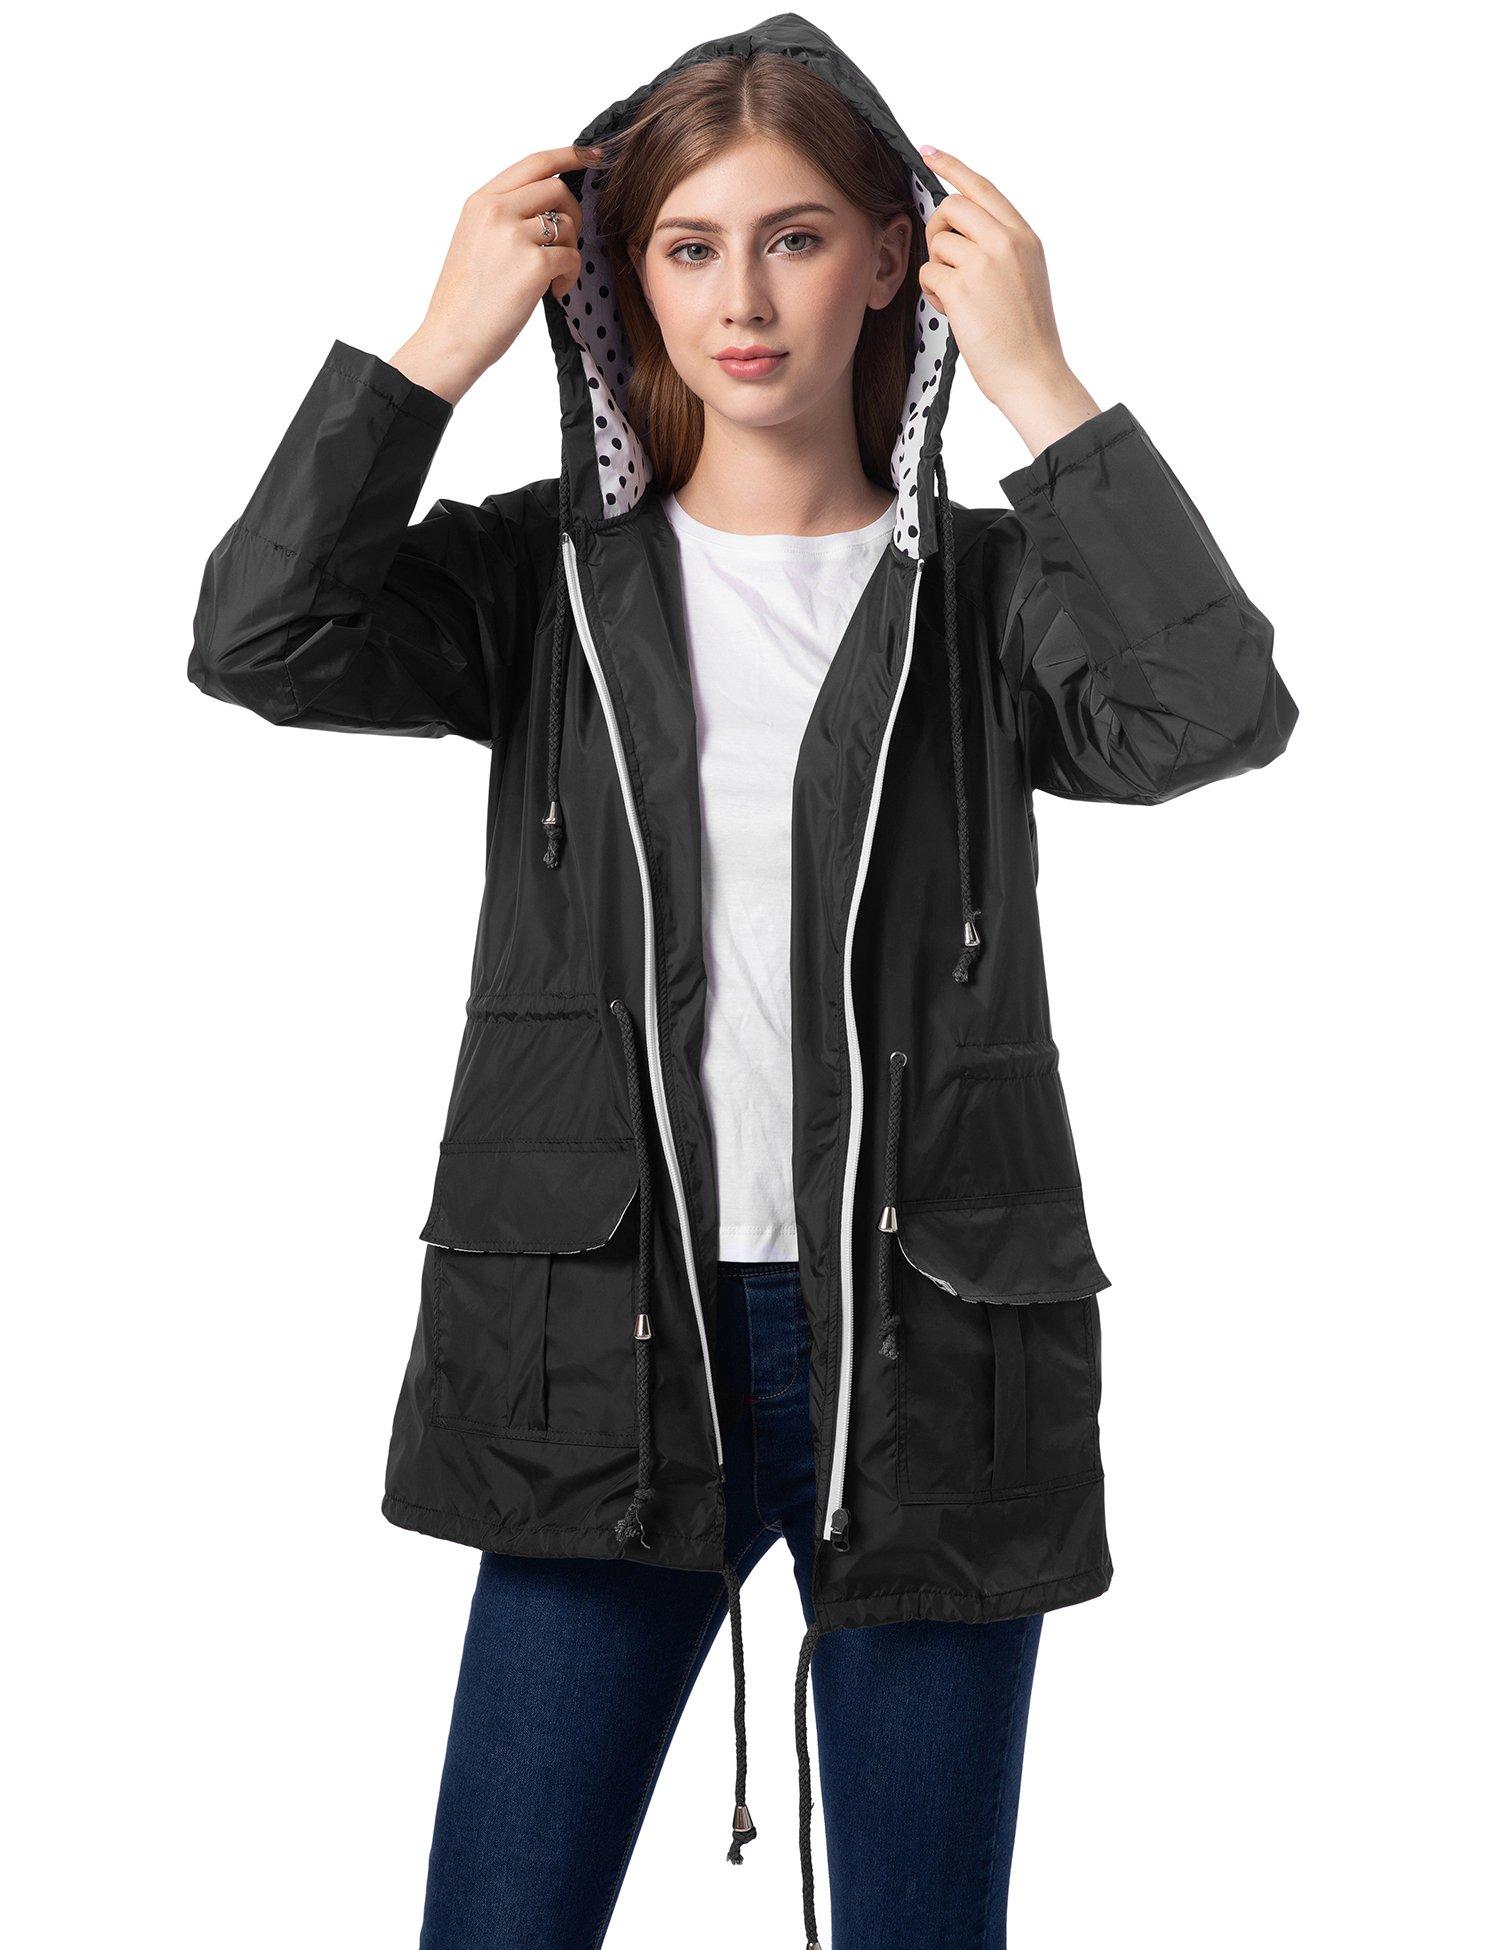 Romanstii Light Rain Jacket Women Trench Coat with Hoodie Waterproof Sport Active Jackets Black L